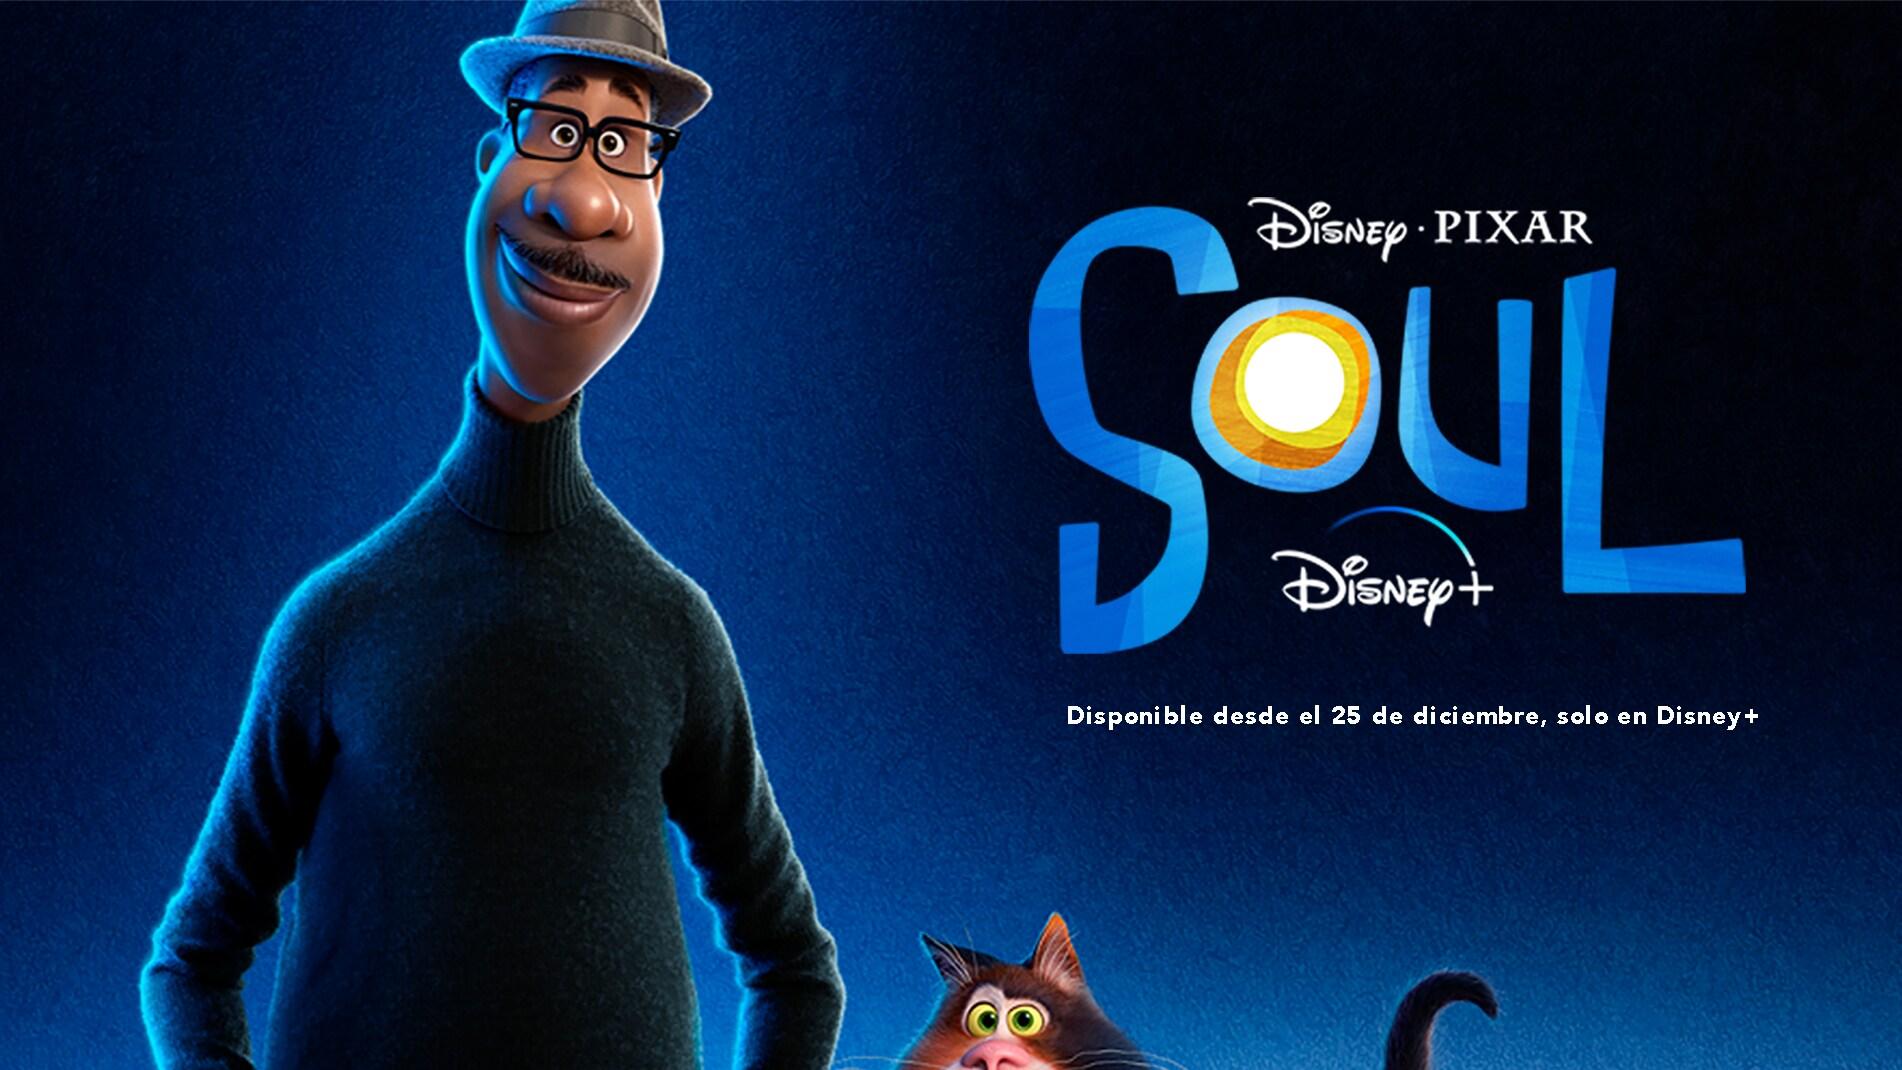 SOUL: Disney+ presenta un nuevo póster y tráiler de la película